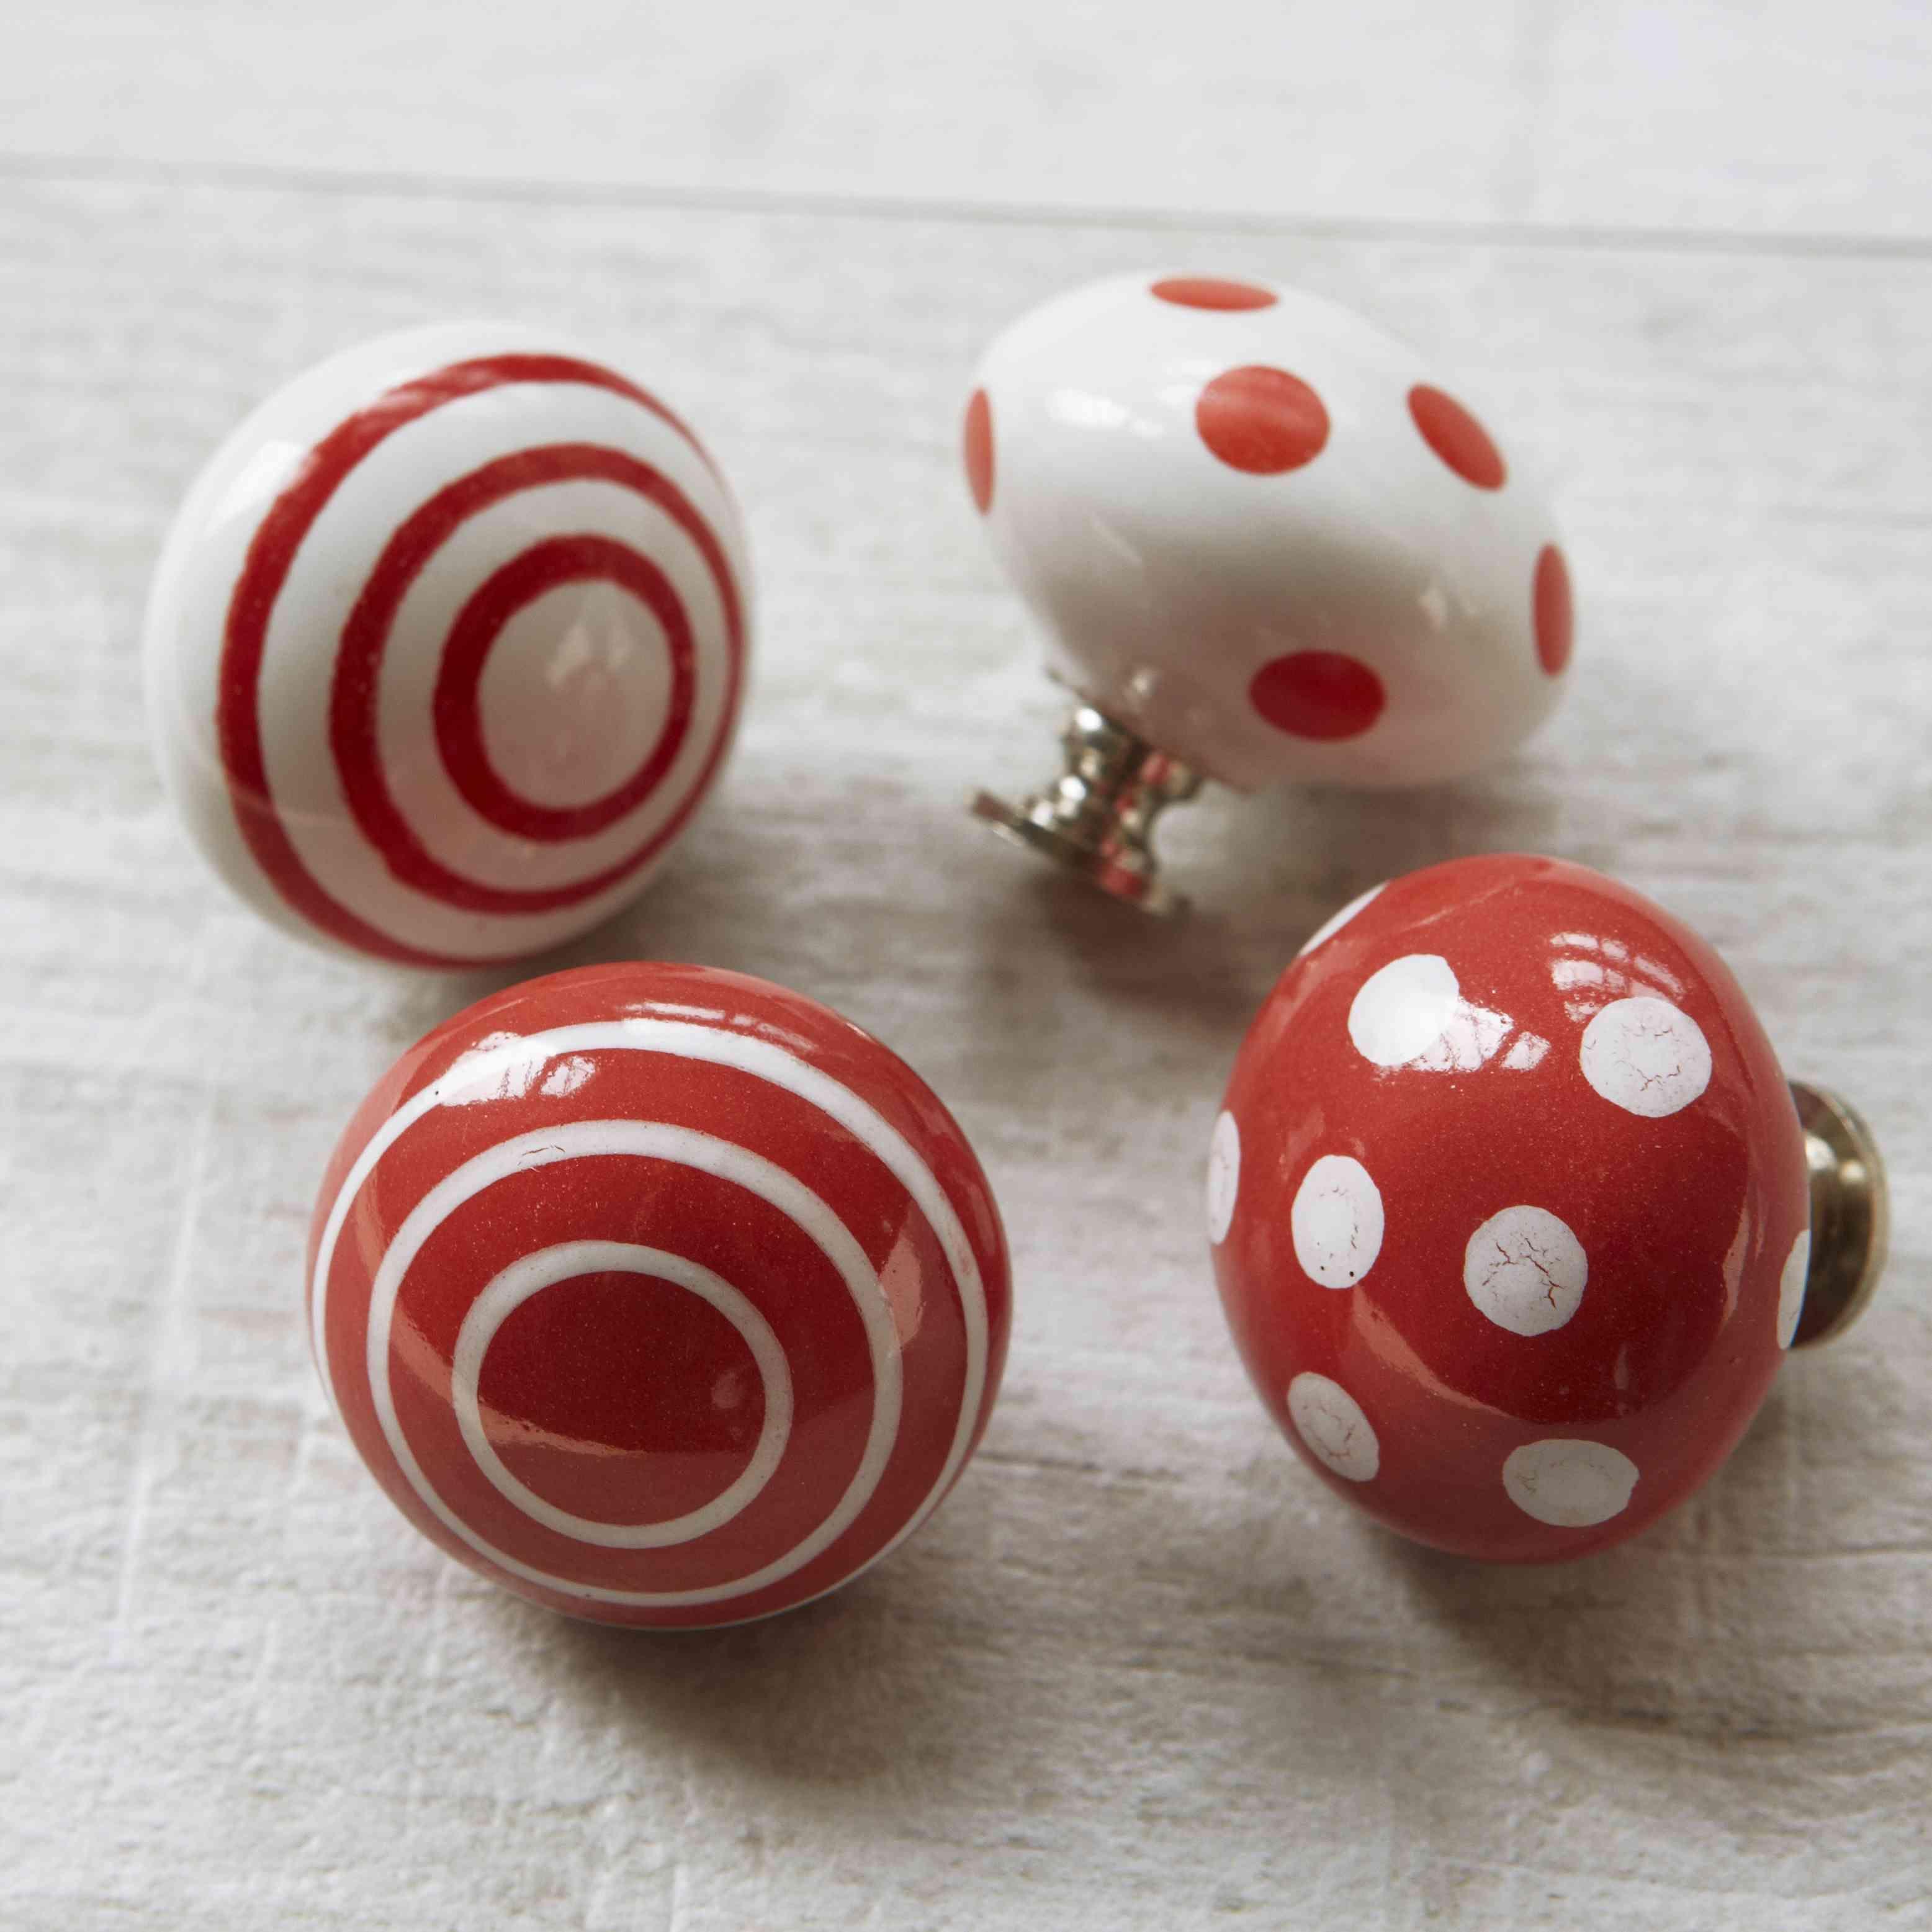 ThesePushka Knobs ceramic shabby chic red drawer knobs add a splash ...